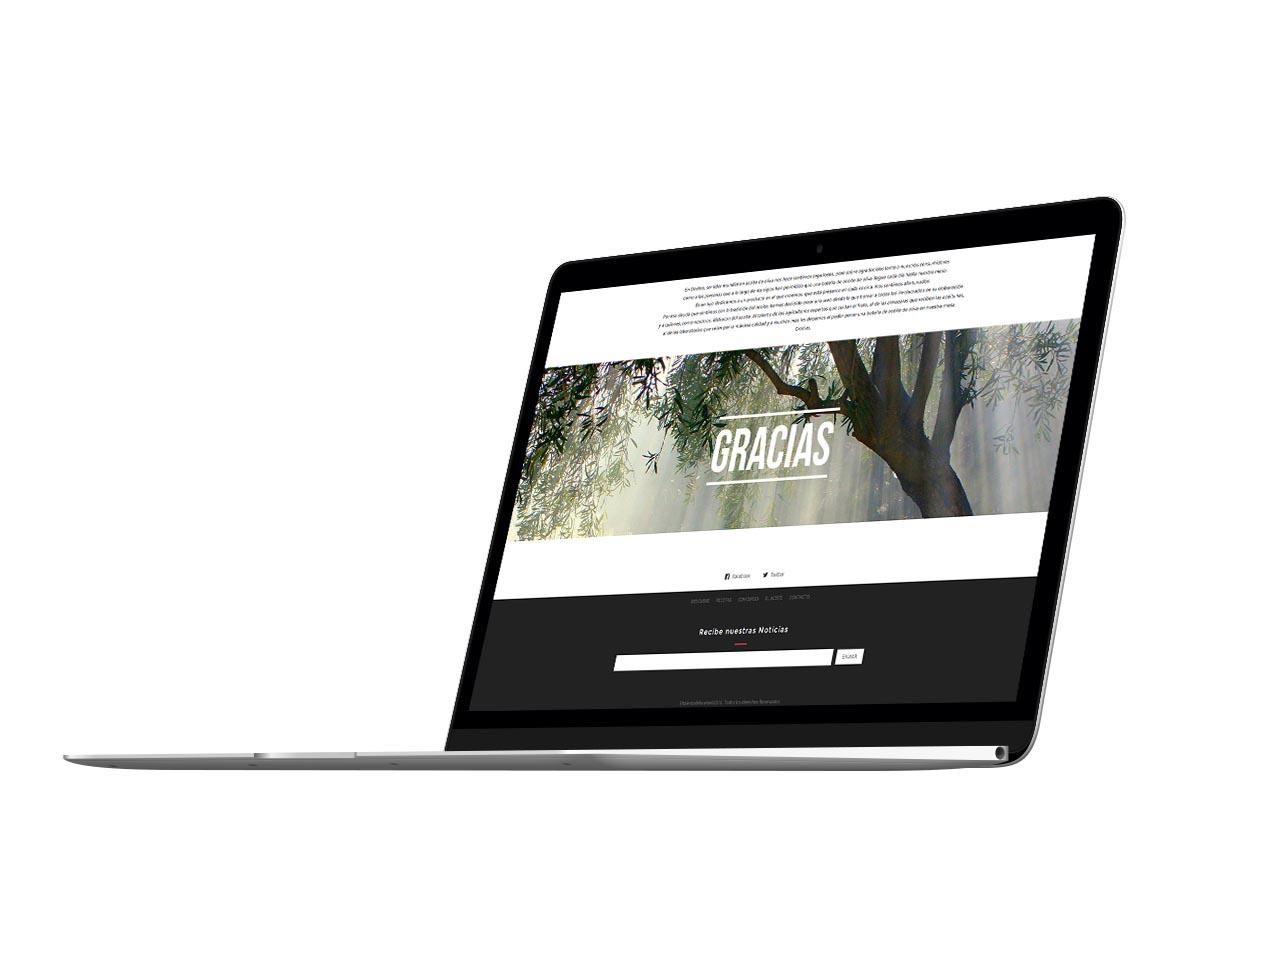 El Talento del aceite - websites web design by Eduardo Morales